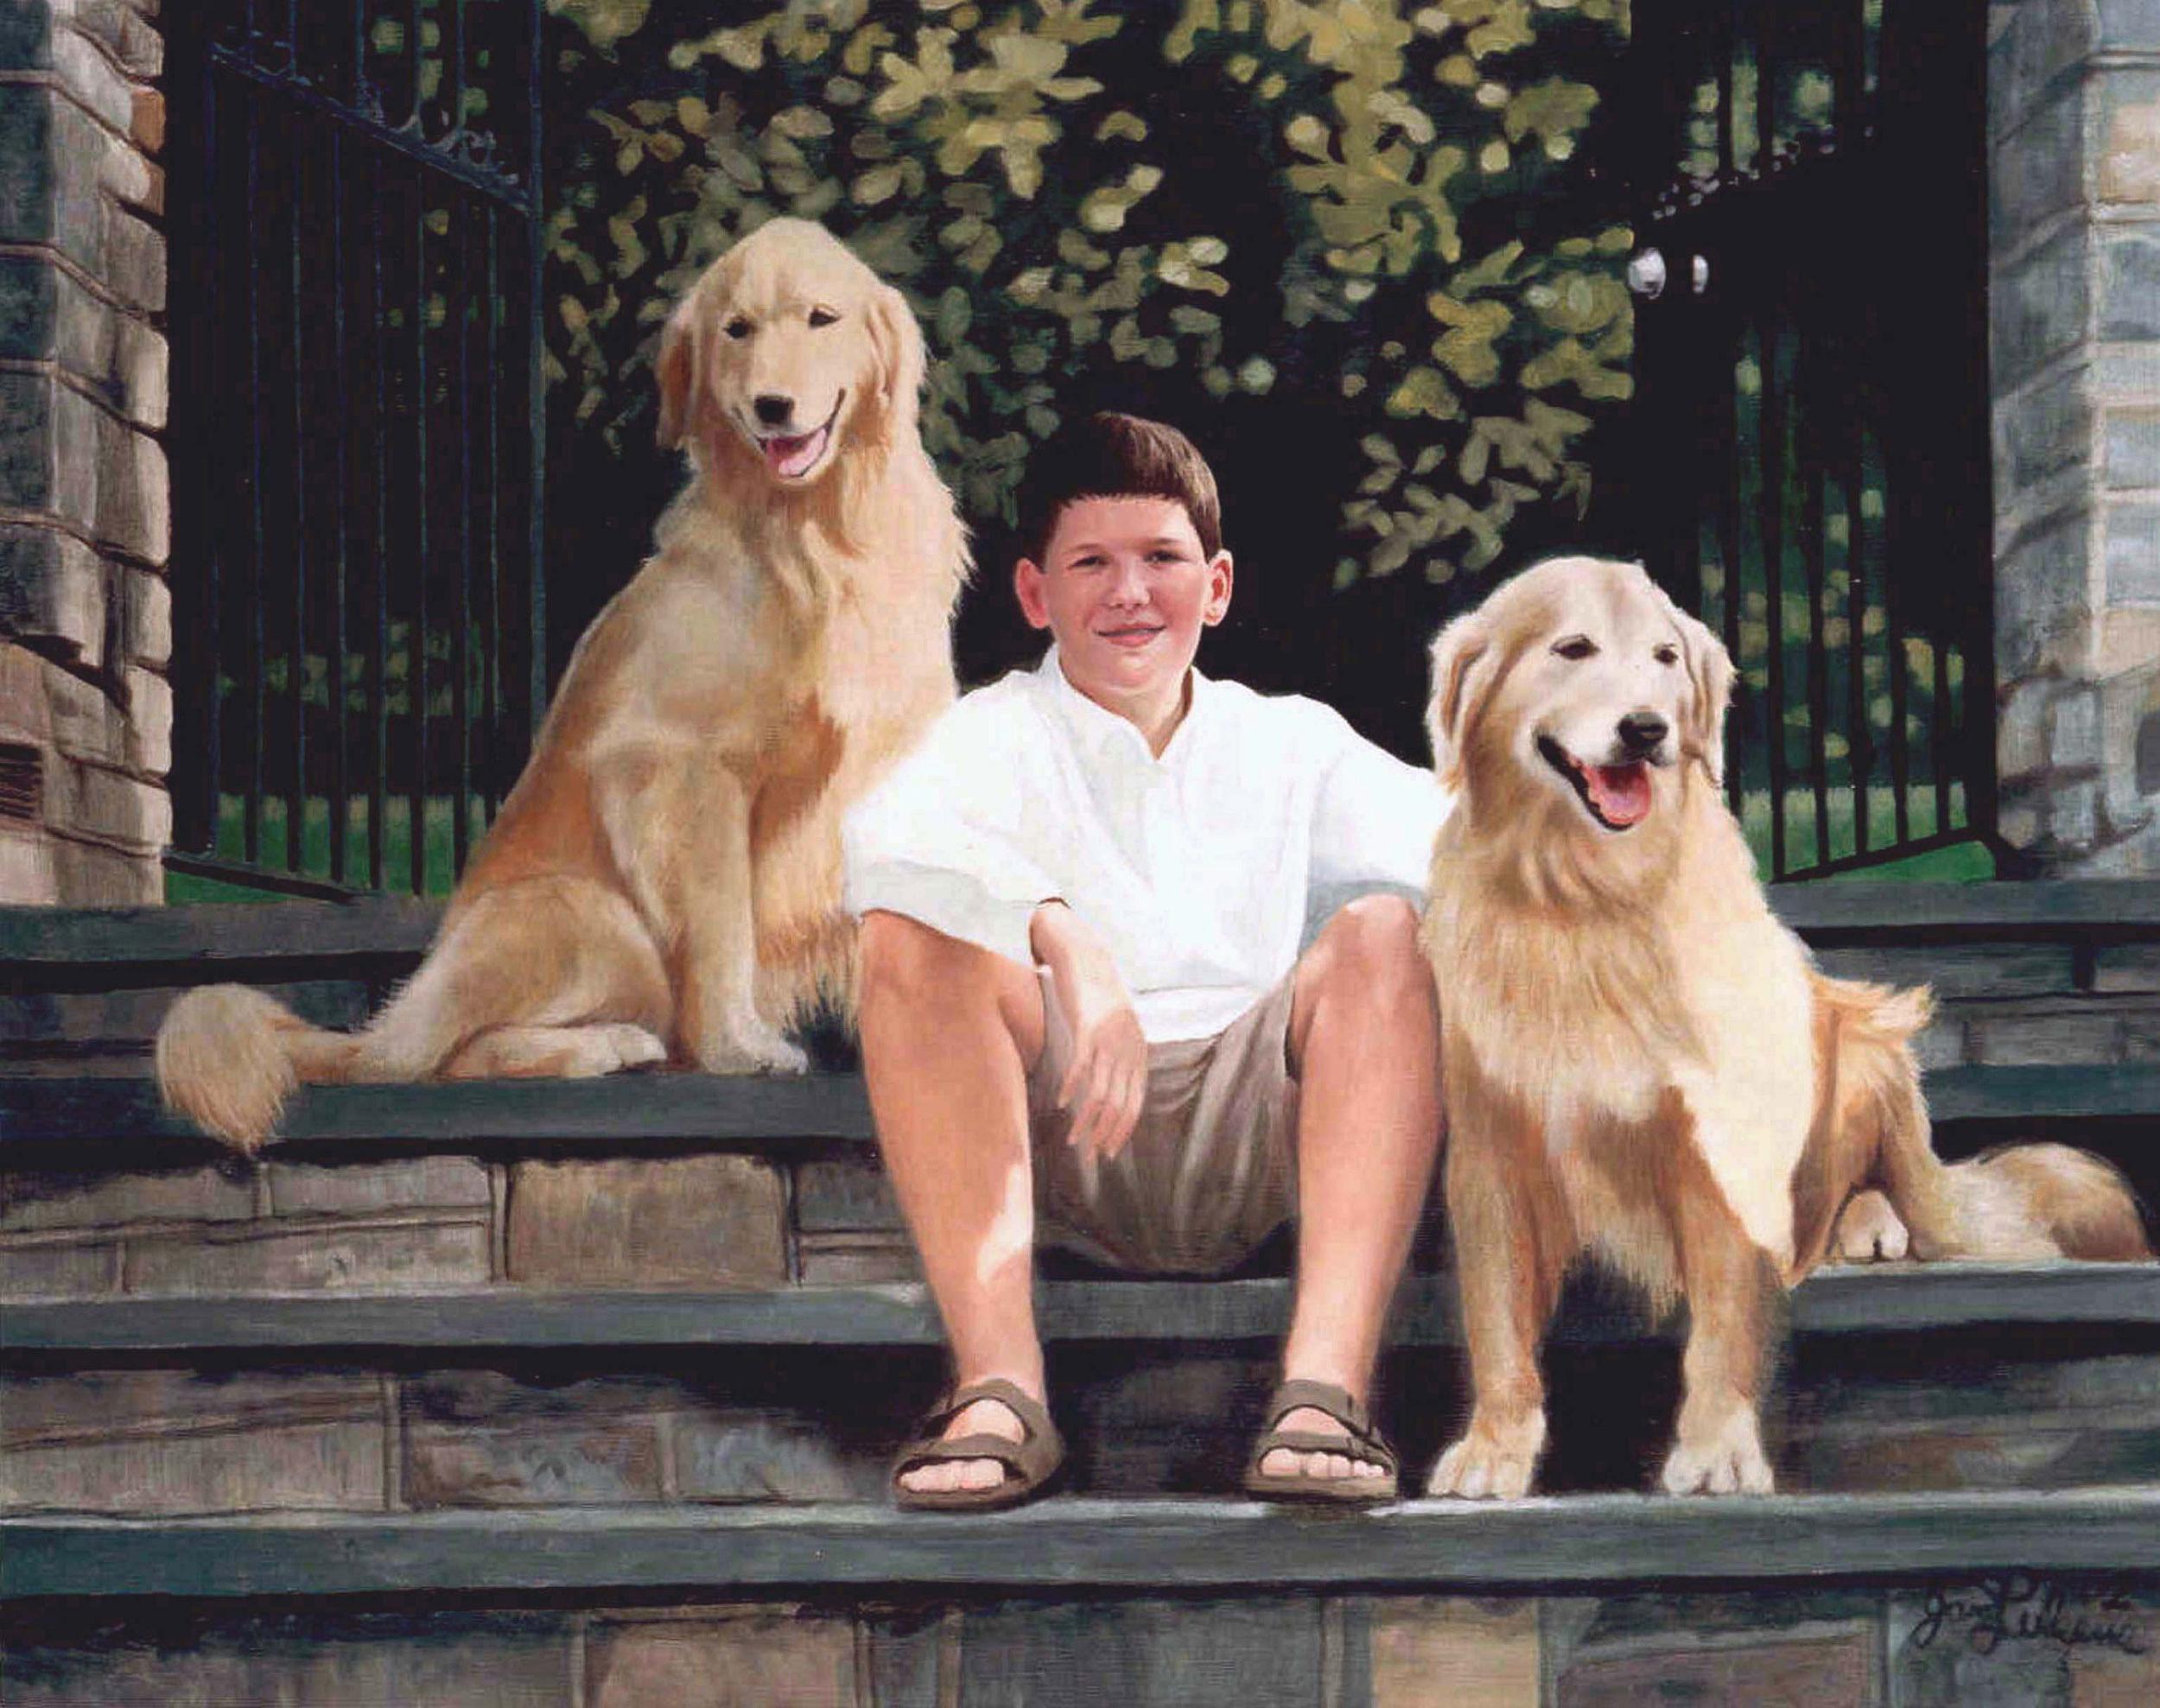 Kyle with Oscar & Slinky